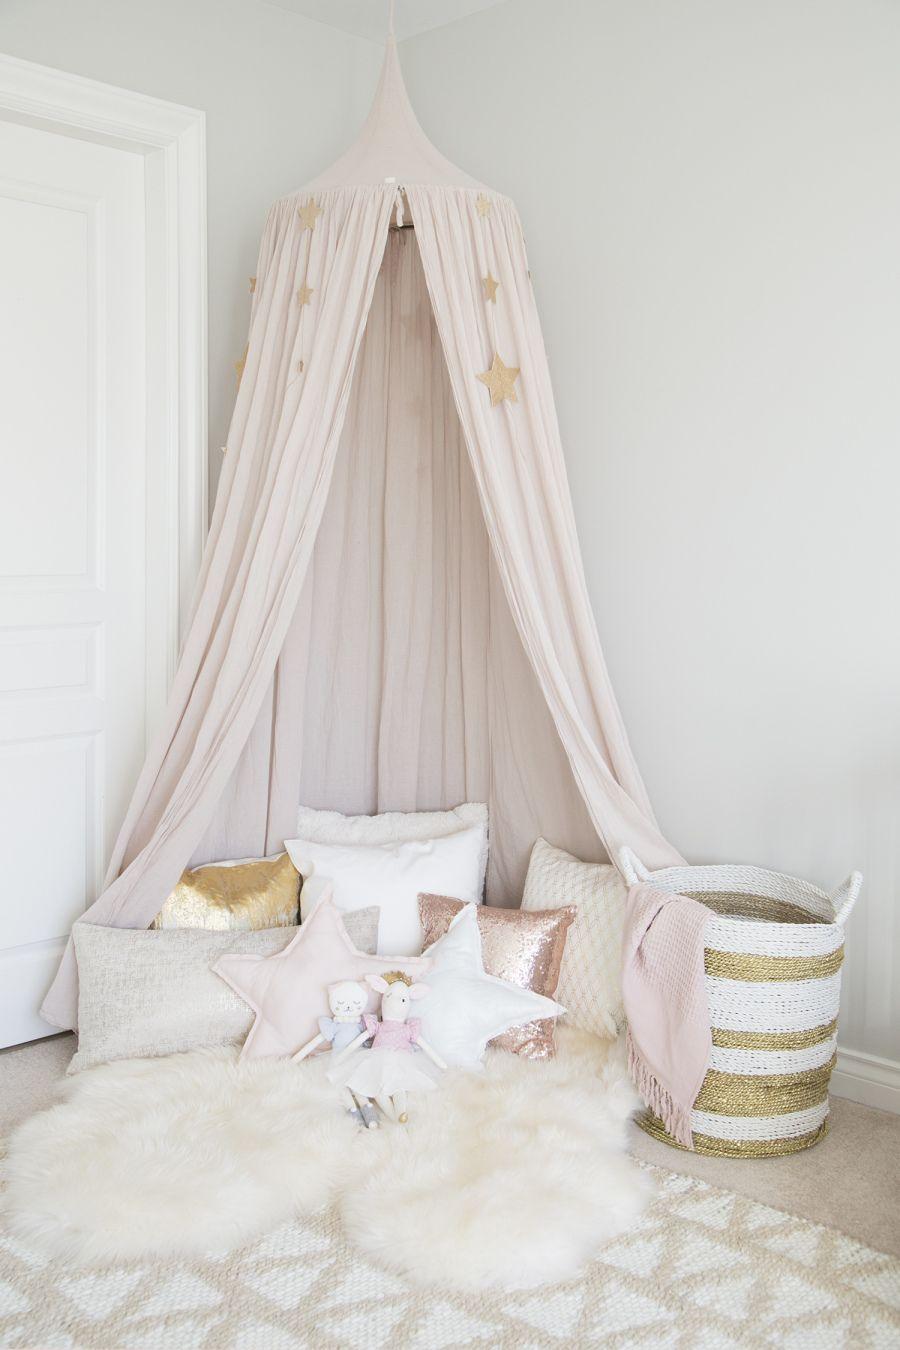 Pantone S Rose Quartz Makes For The Prettiest Little Girl S Room